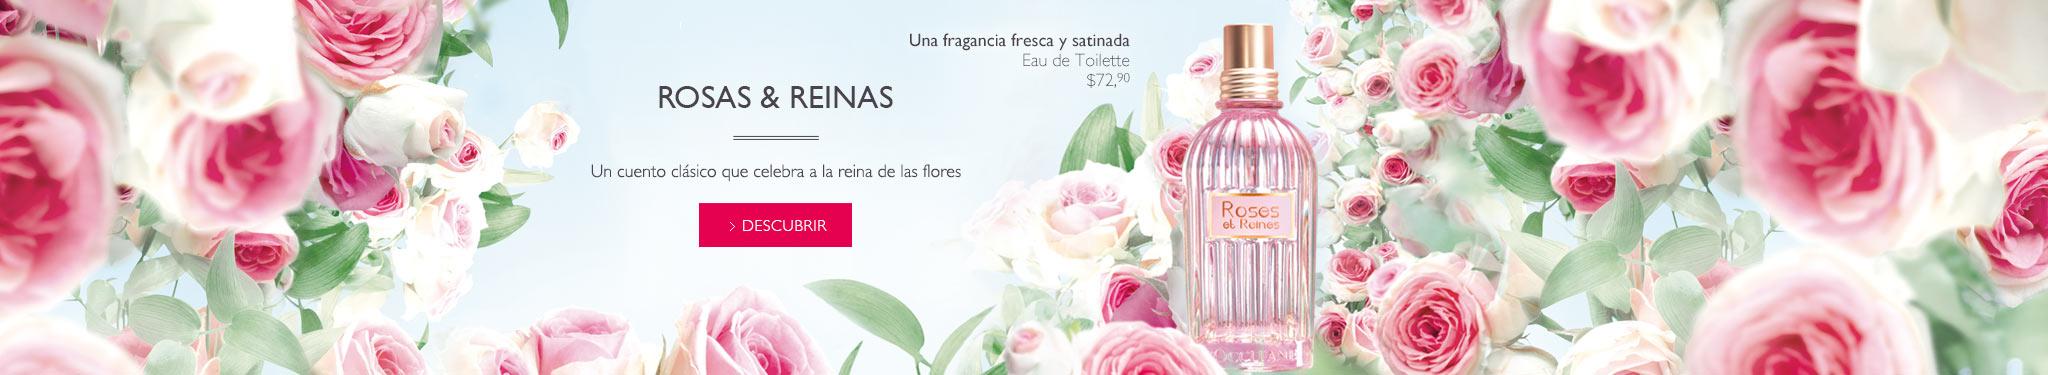 Nuevo perfume de mujer Rosas y Reinas